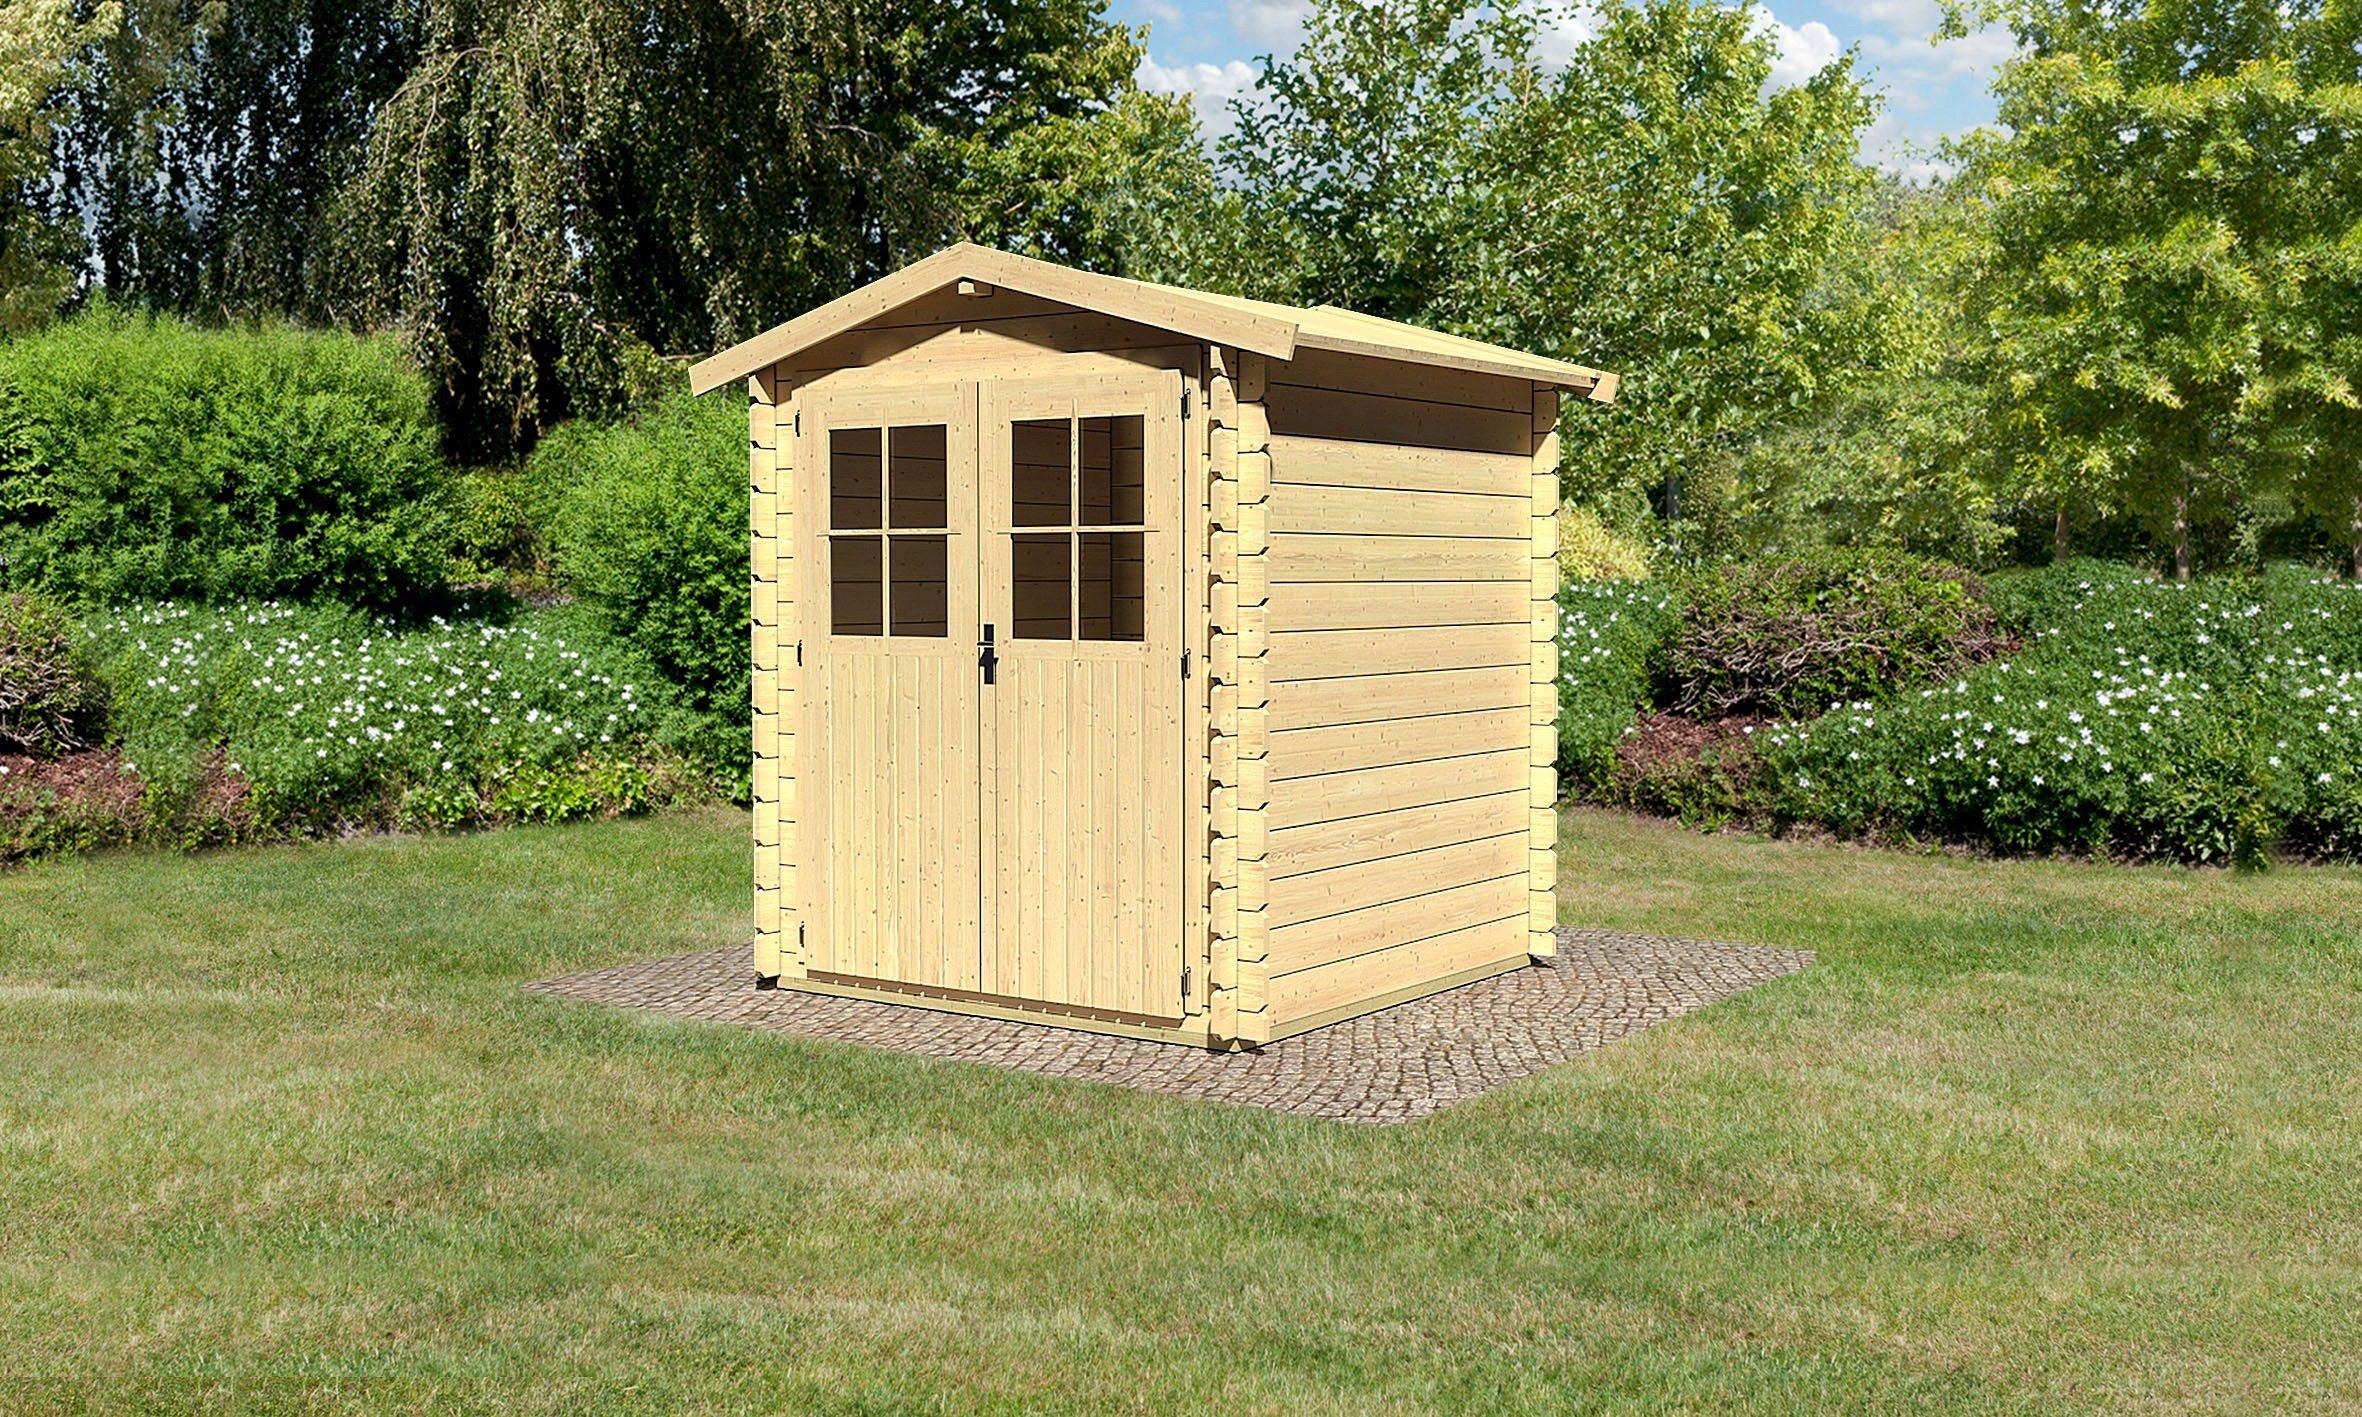 outdoor life products gartenhaus mosel 3 bxt 300x300 cm 28 mm g nstig gebraucht kaufen bis. Black Bedroom Furniture Sets. Home Design Ideas